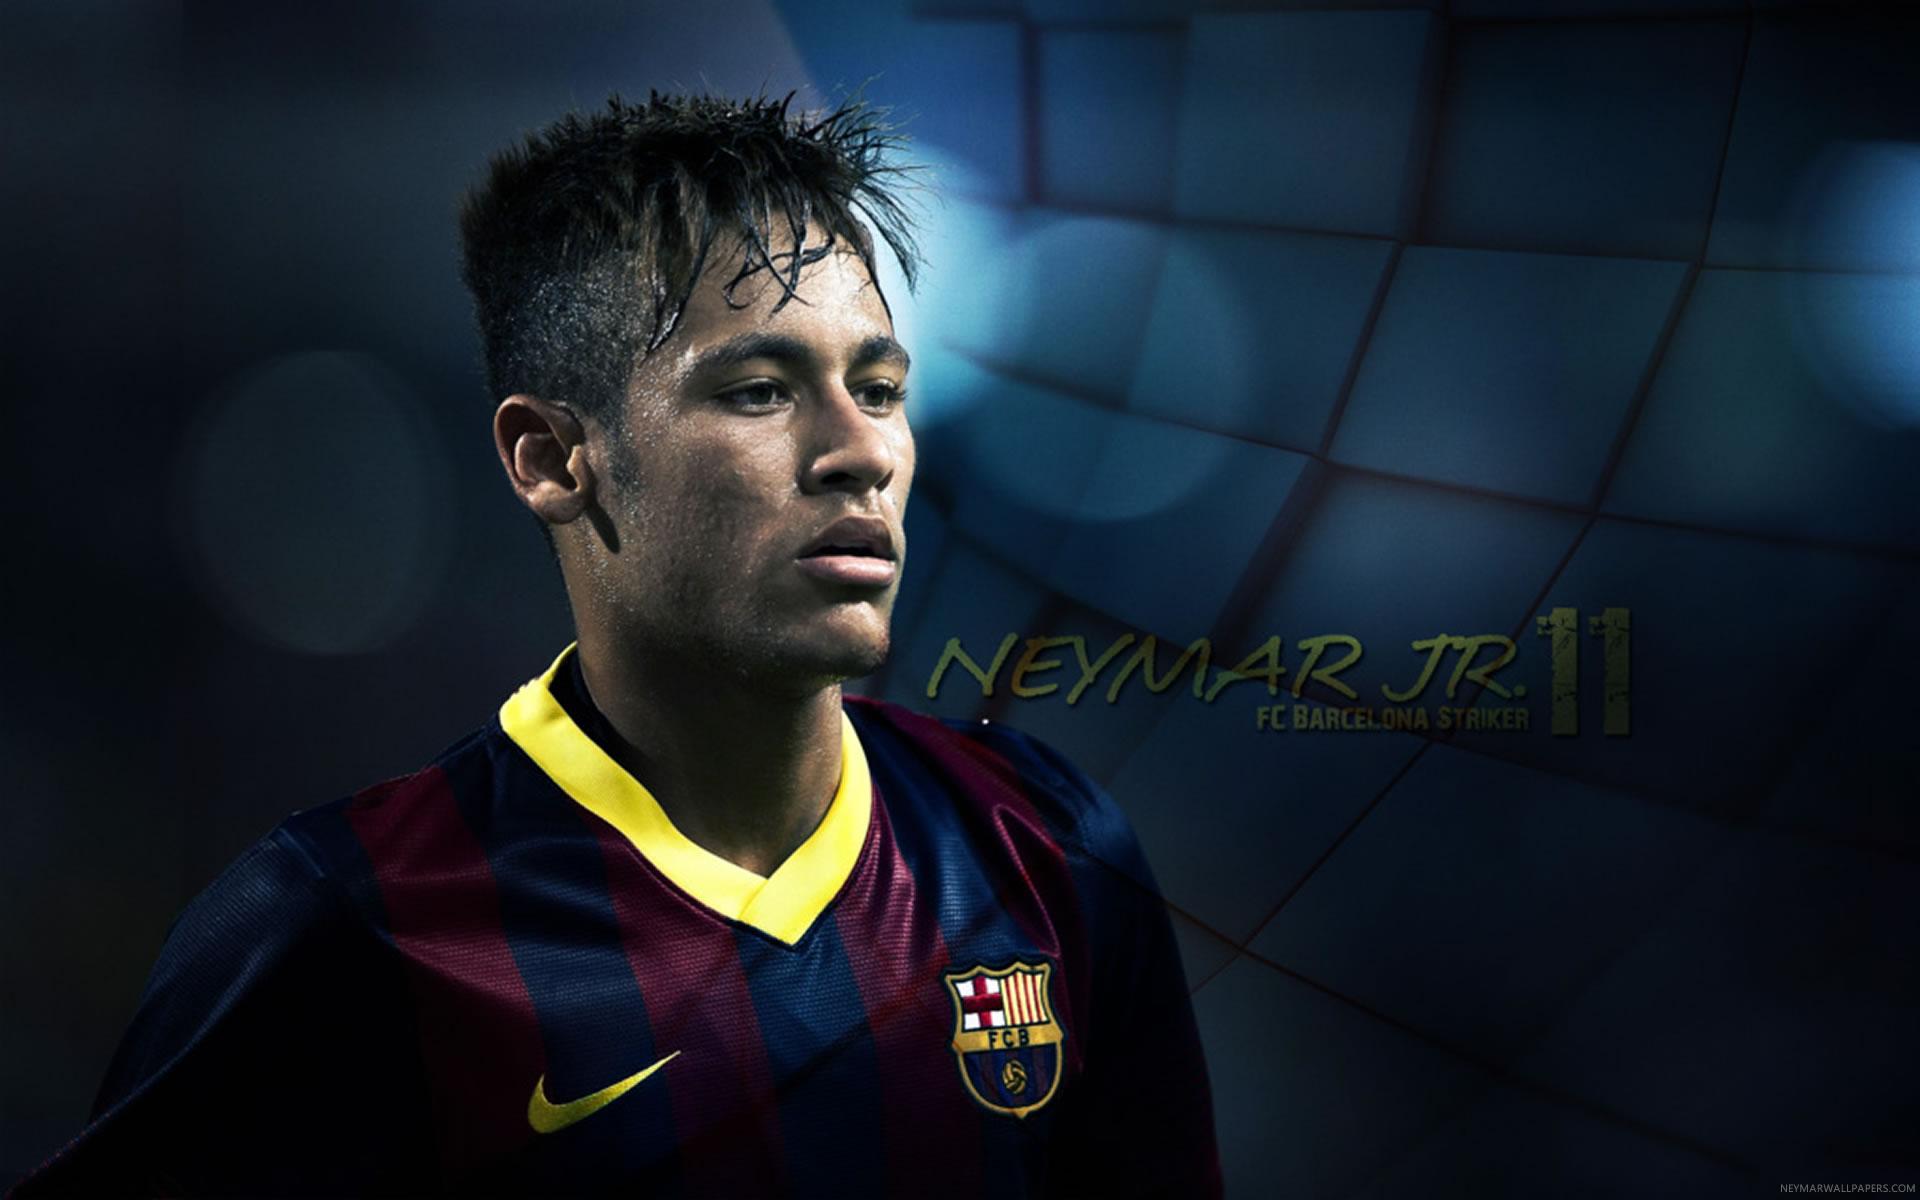 Hd wallpaper neymar - Sweaty Neymar Wallpaper Neymar Wallpapers